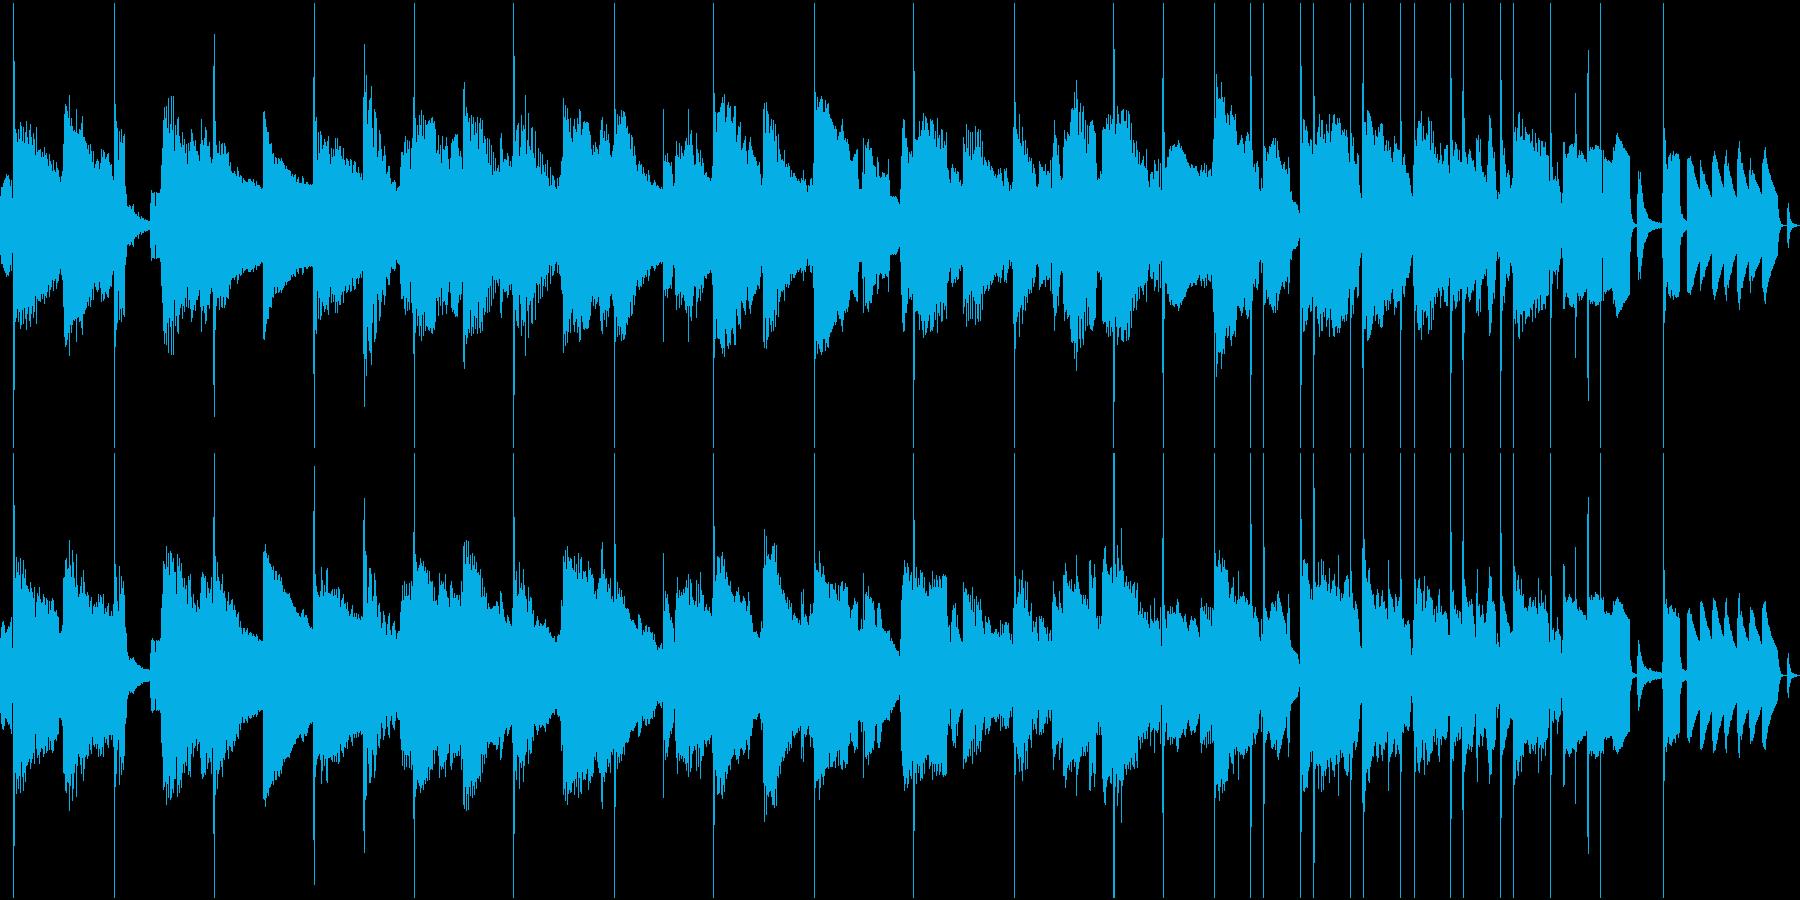 トランペット、サックスBGM(ループ)の再生済みの波形